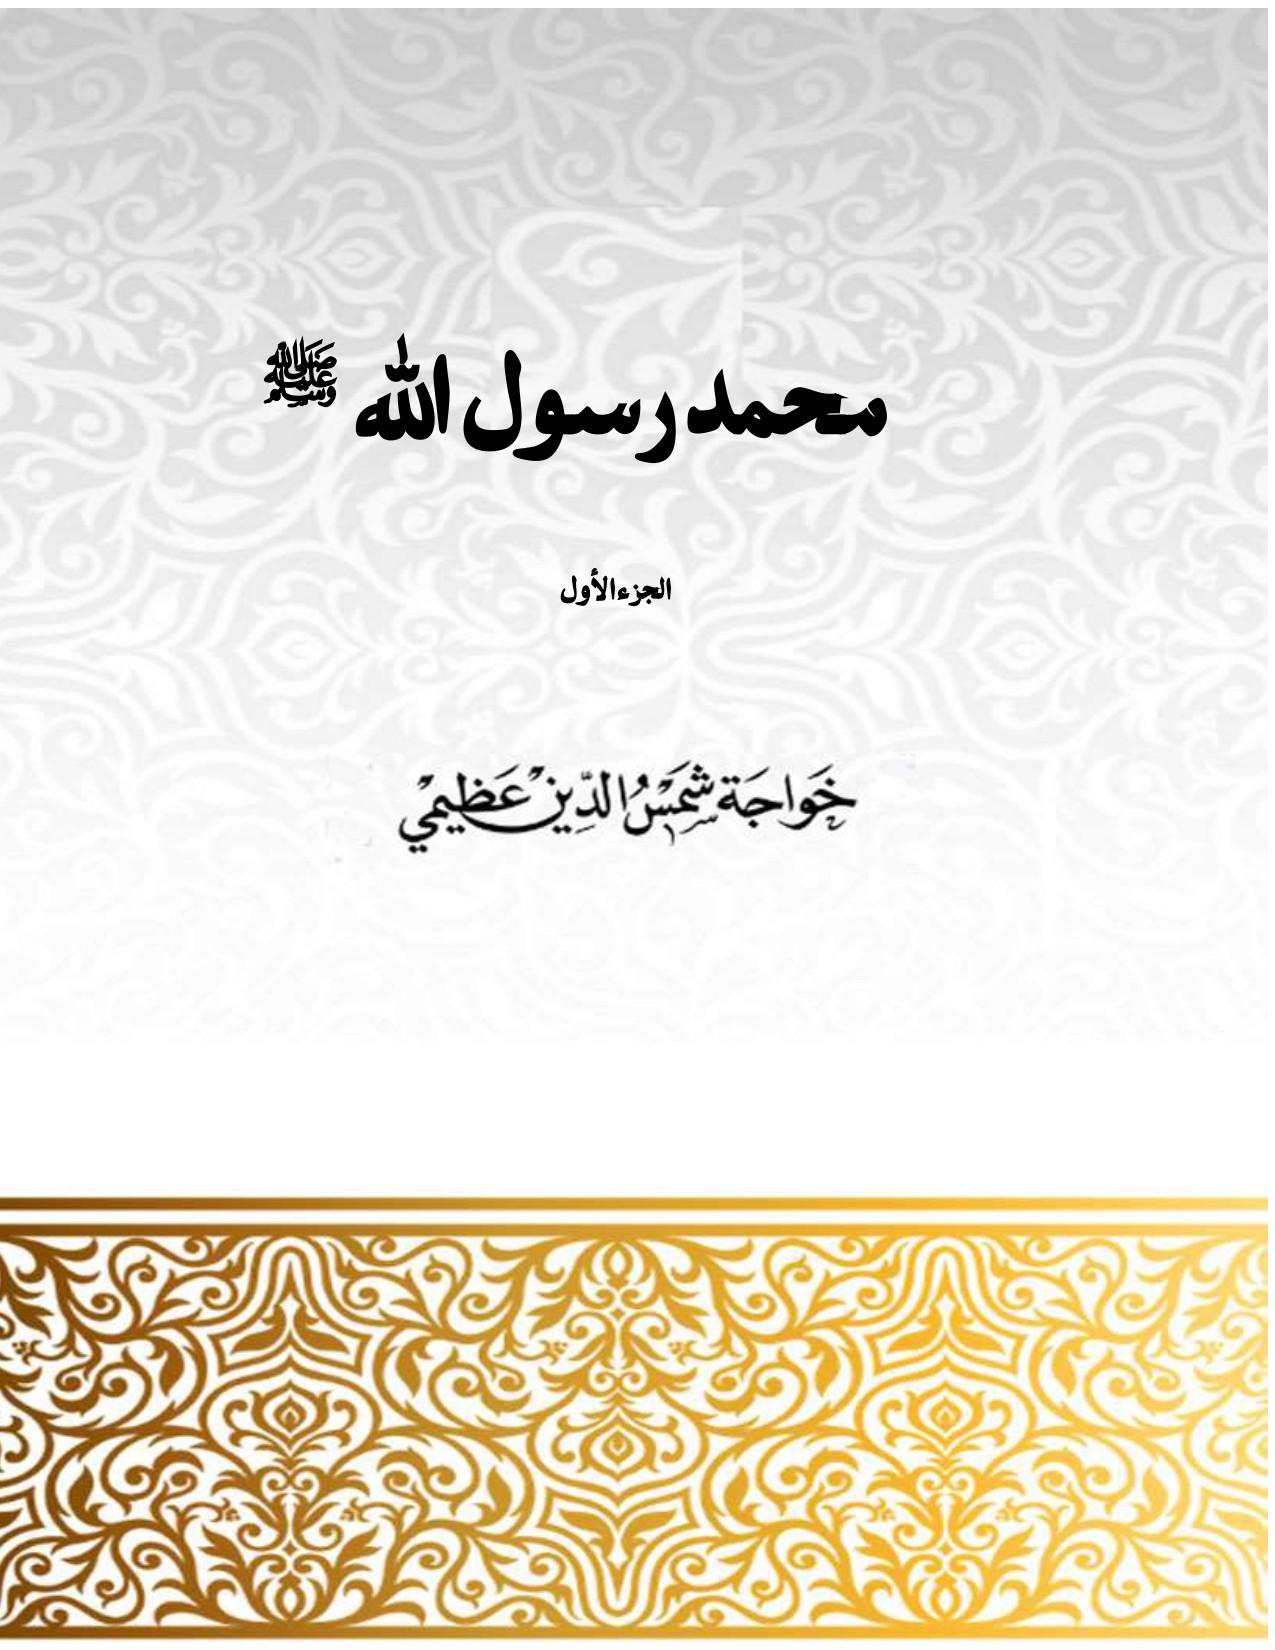 محمد رسول الله الجزء الأول